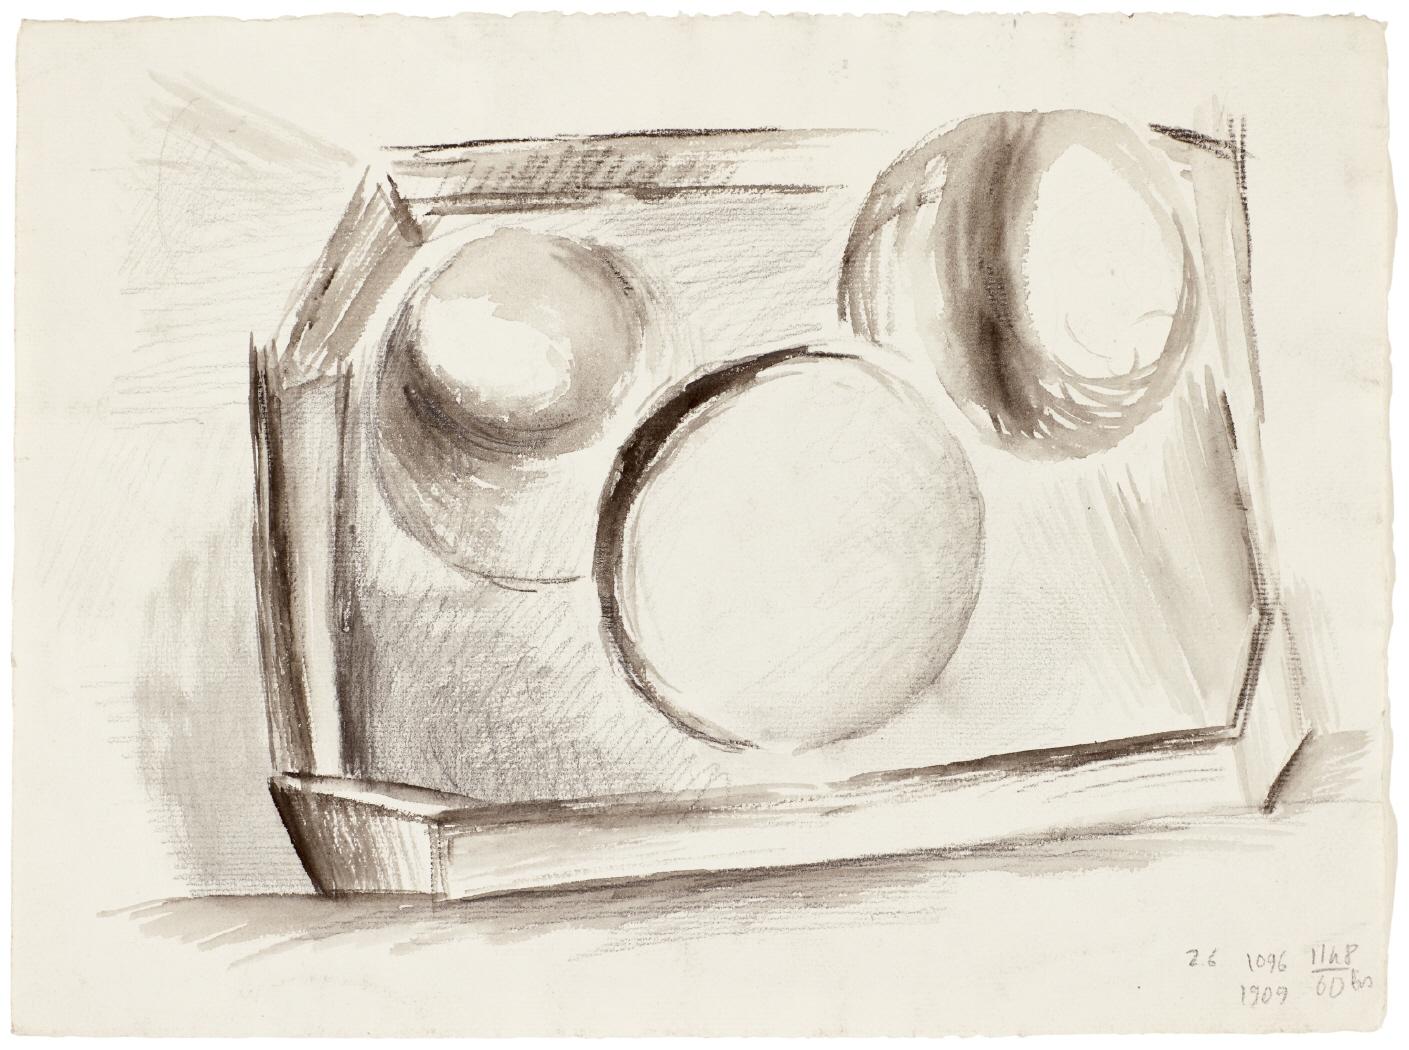 Trois pommes sur un plateau (recto) et Composition abstraite (verso), 1909